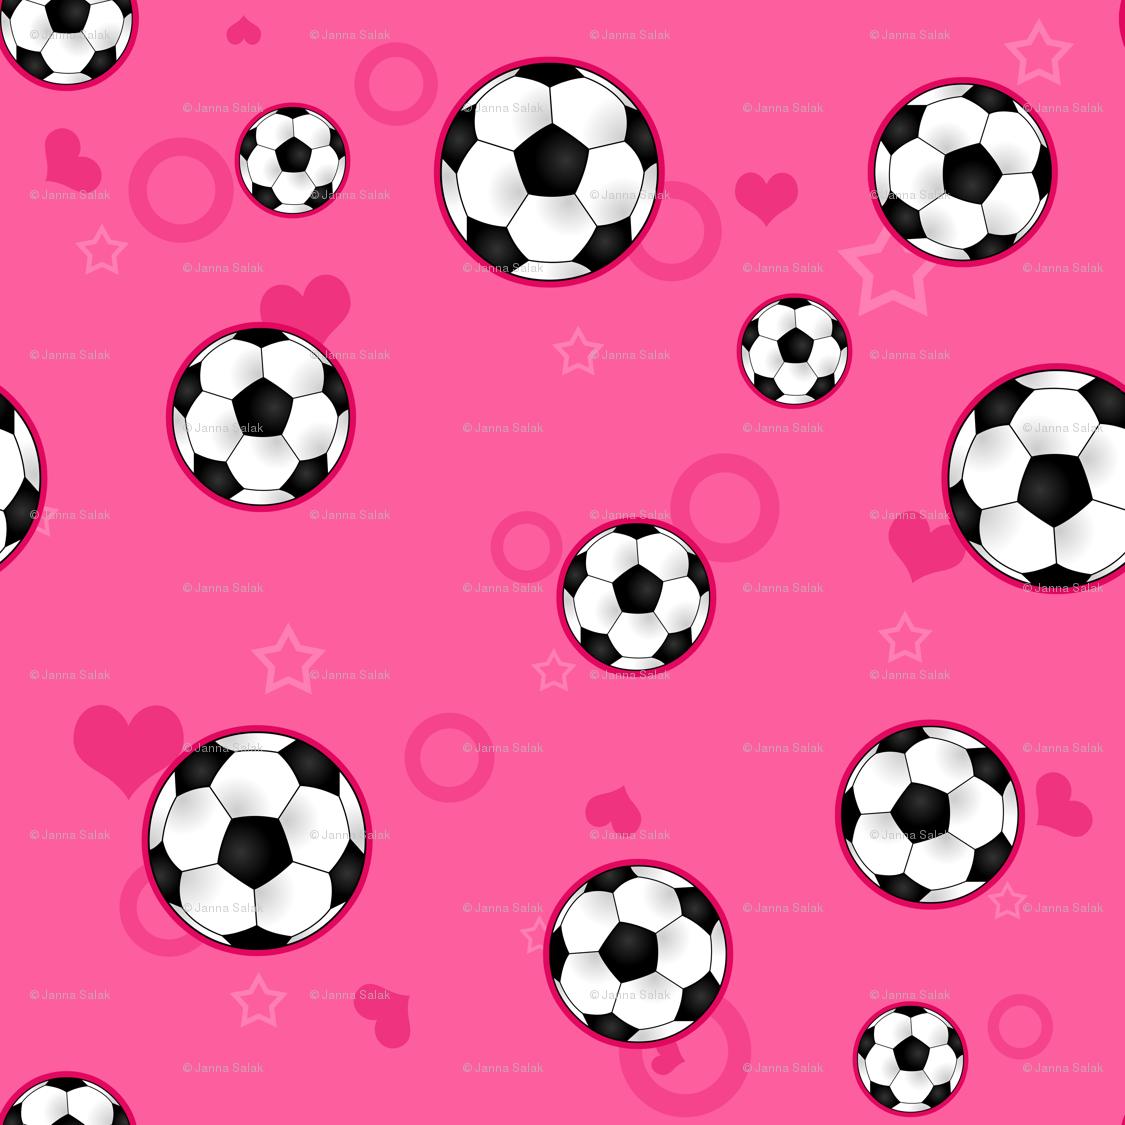 Soccer Ball Pattern Pink wallpaper - jannasalak - Spoonflower